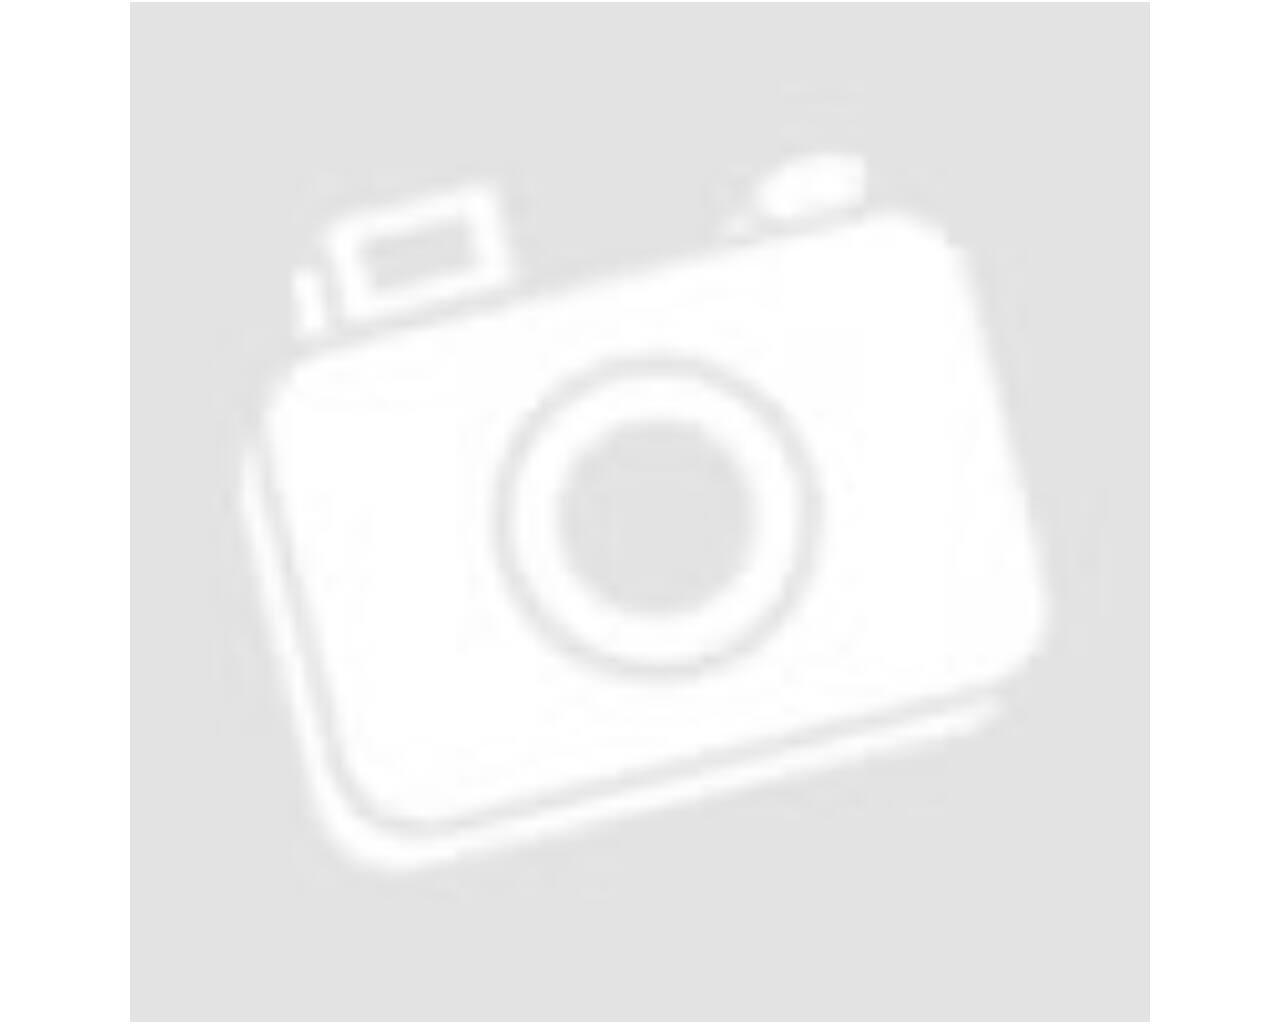 Ágyneműhuzat szürke csipke, 1 fő, 100% pamut, 160x220 cm, 3 db